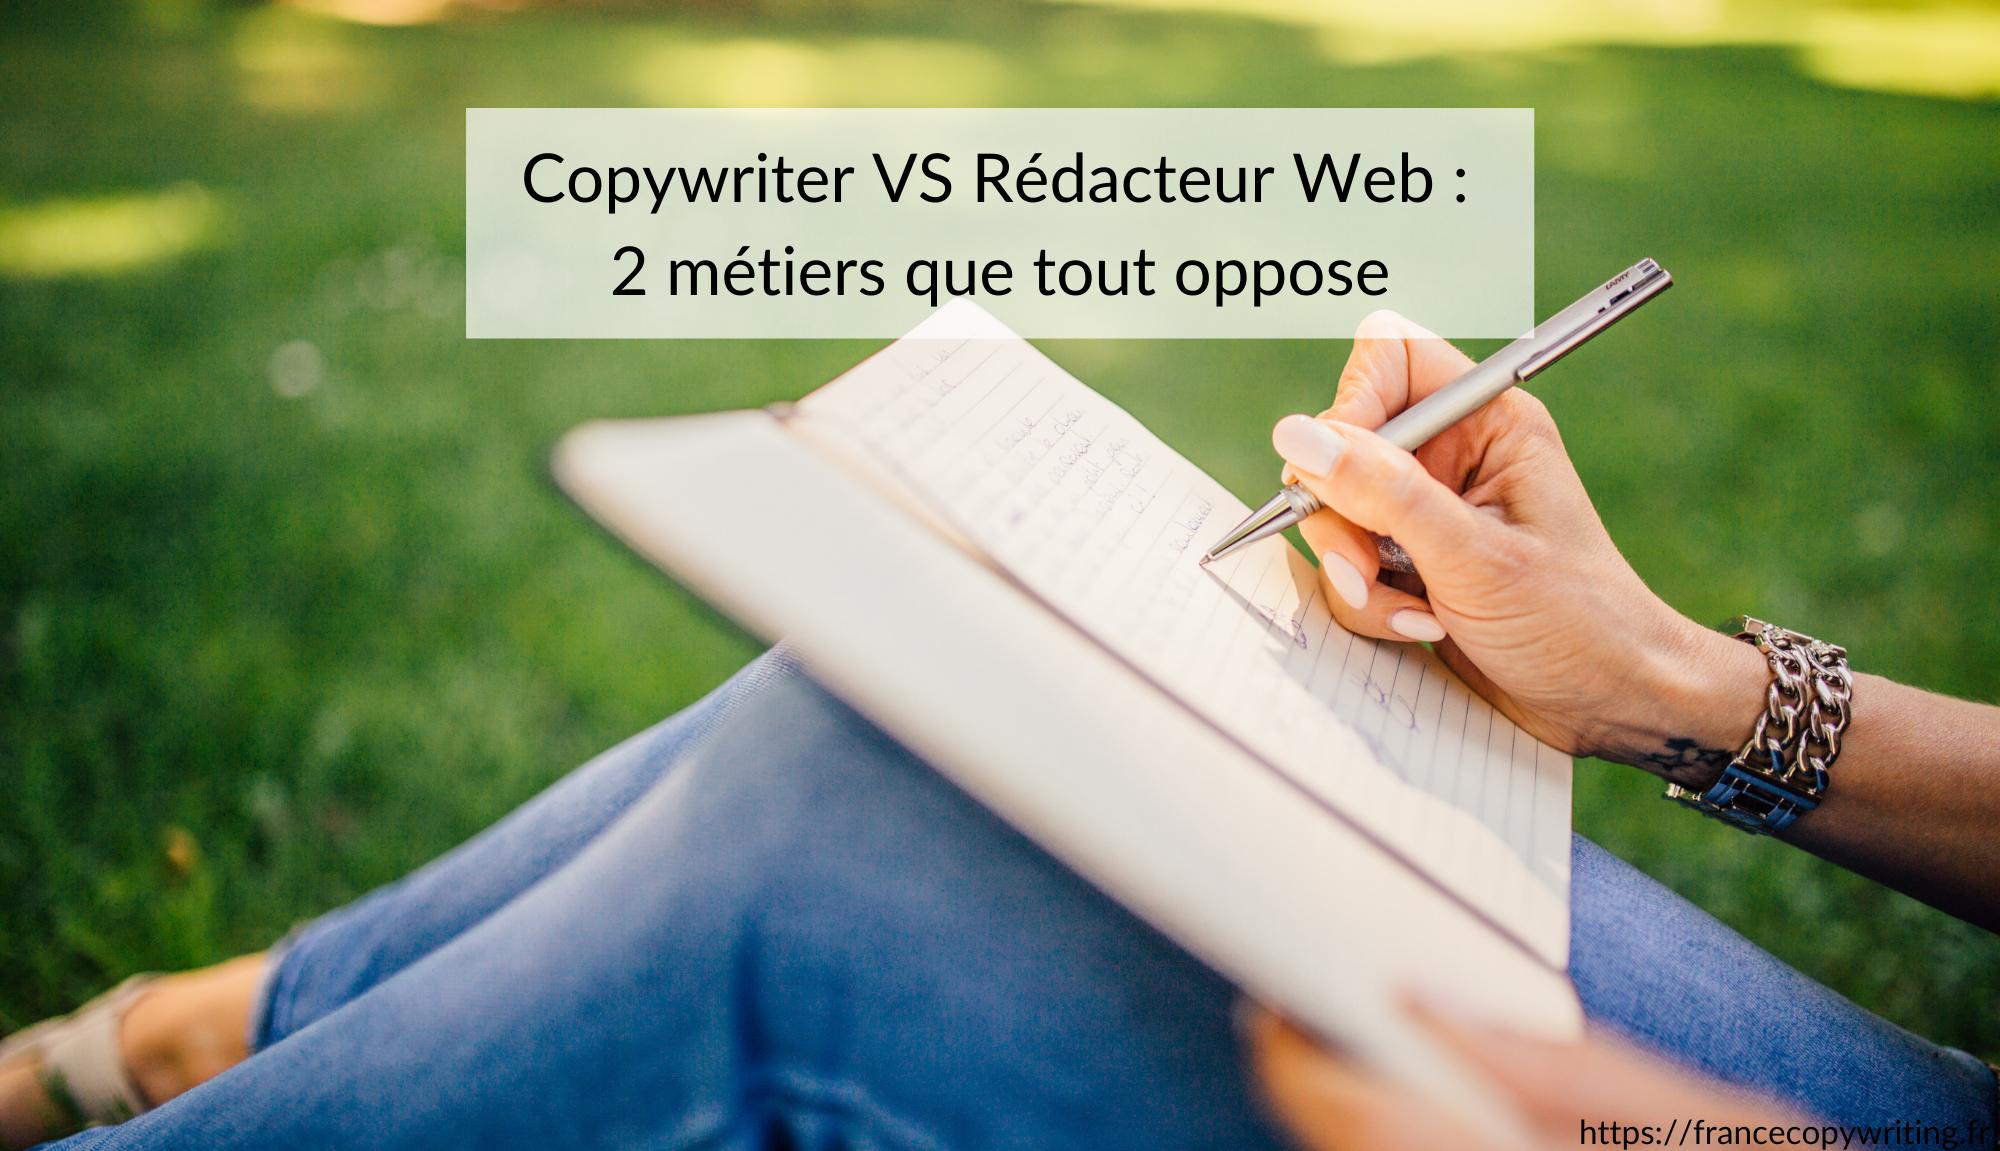 Copywriter VS Rédacteur Web :  2 métiers que tout oppose